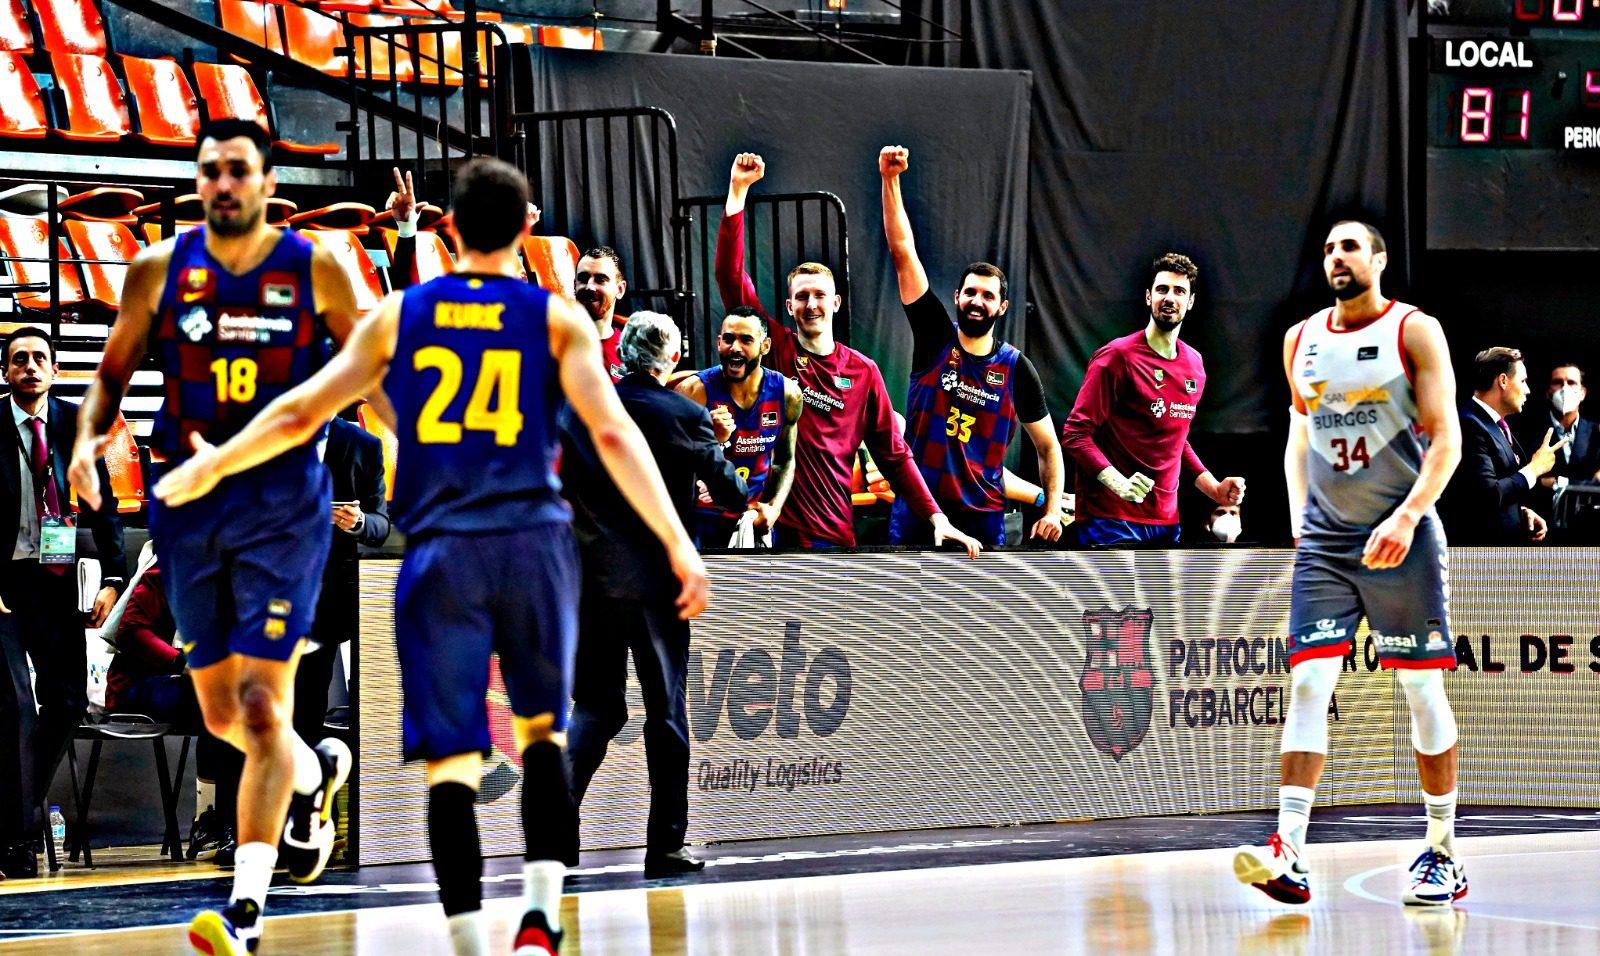 La máquina del Barça acaba con el sueño del San Pablo Burgos (Vídeo)